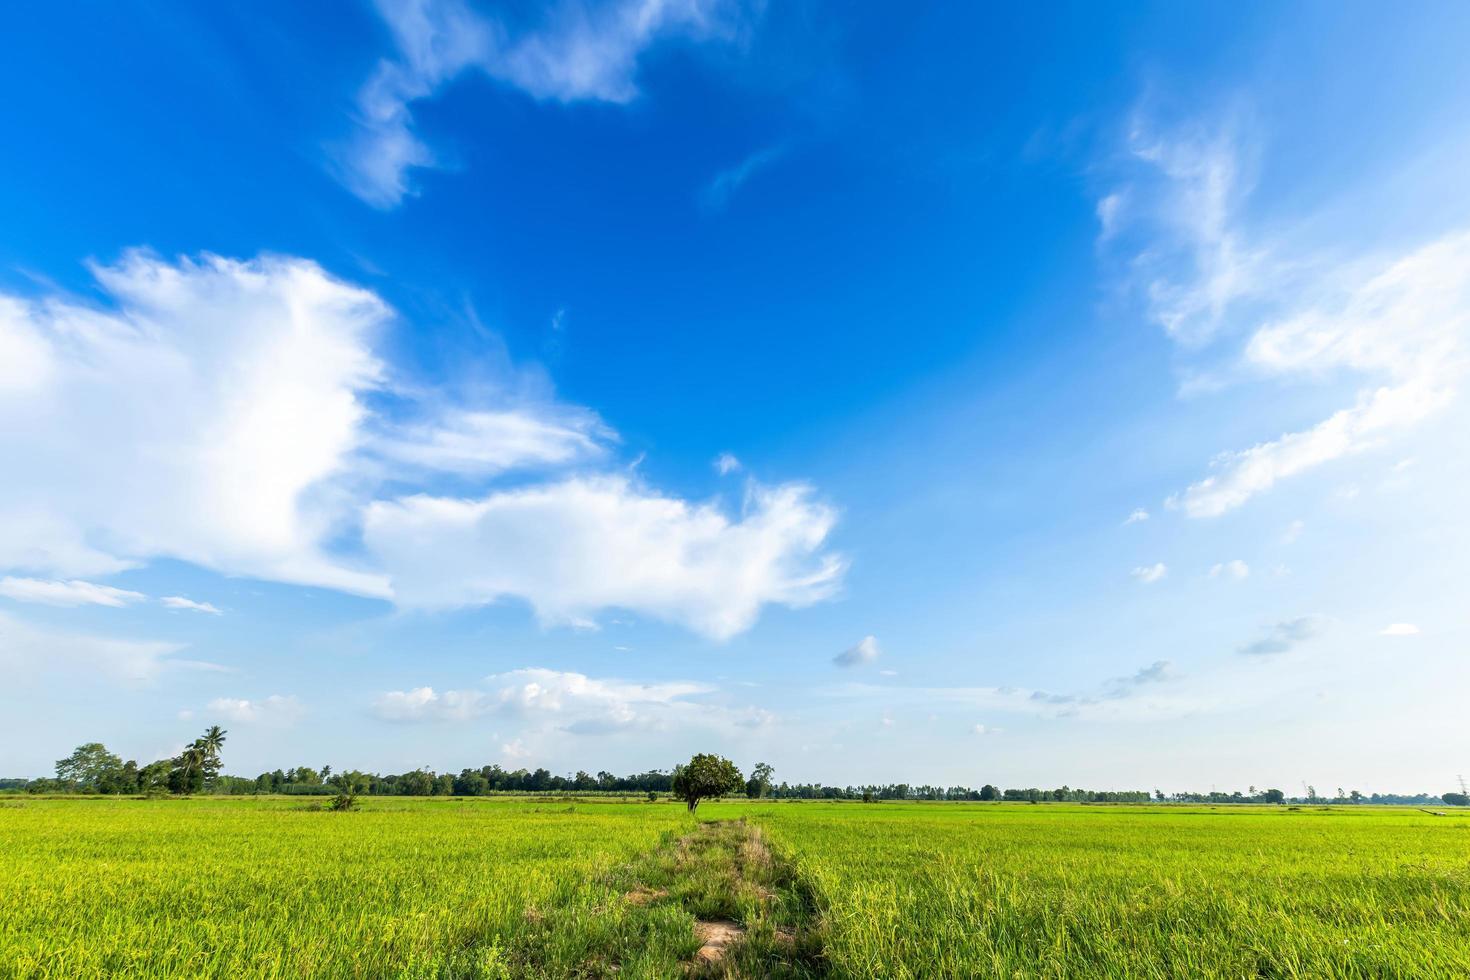 Ein Wanderweg in einem grünen Getreidefeld führt zu einer Reihe von Bäumen foto